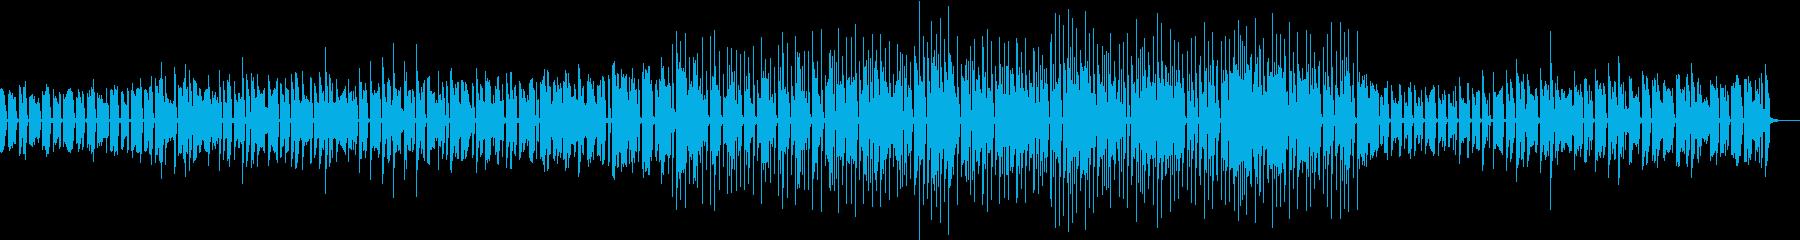 エレピ、オルガンによる日常的BGMの再生済みの波形